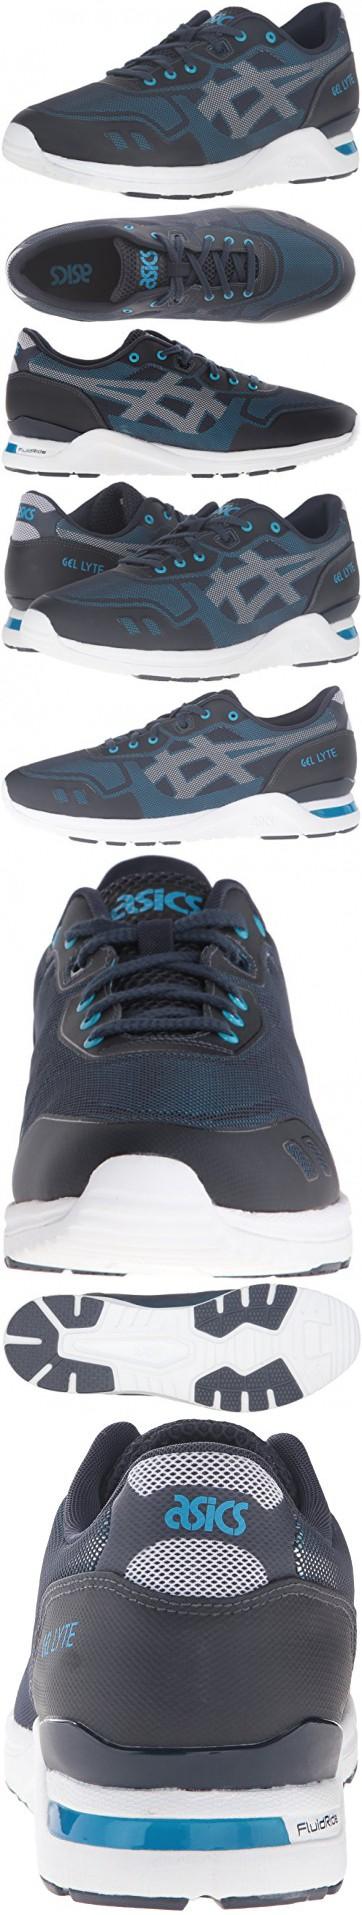 ASICS Gel Lyte Evo NT/ Mode de Sneaker Homme Men 10 s Encre de Chine/ Blanc , 10 M 2bf7a69 - pandorajewelrys70offclearance.website